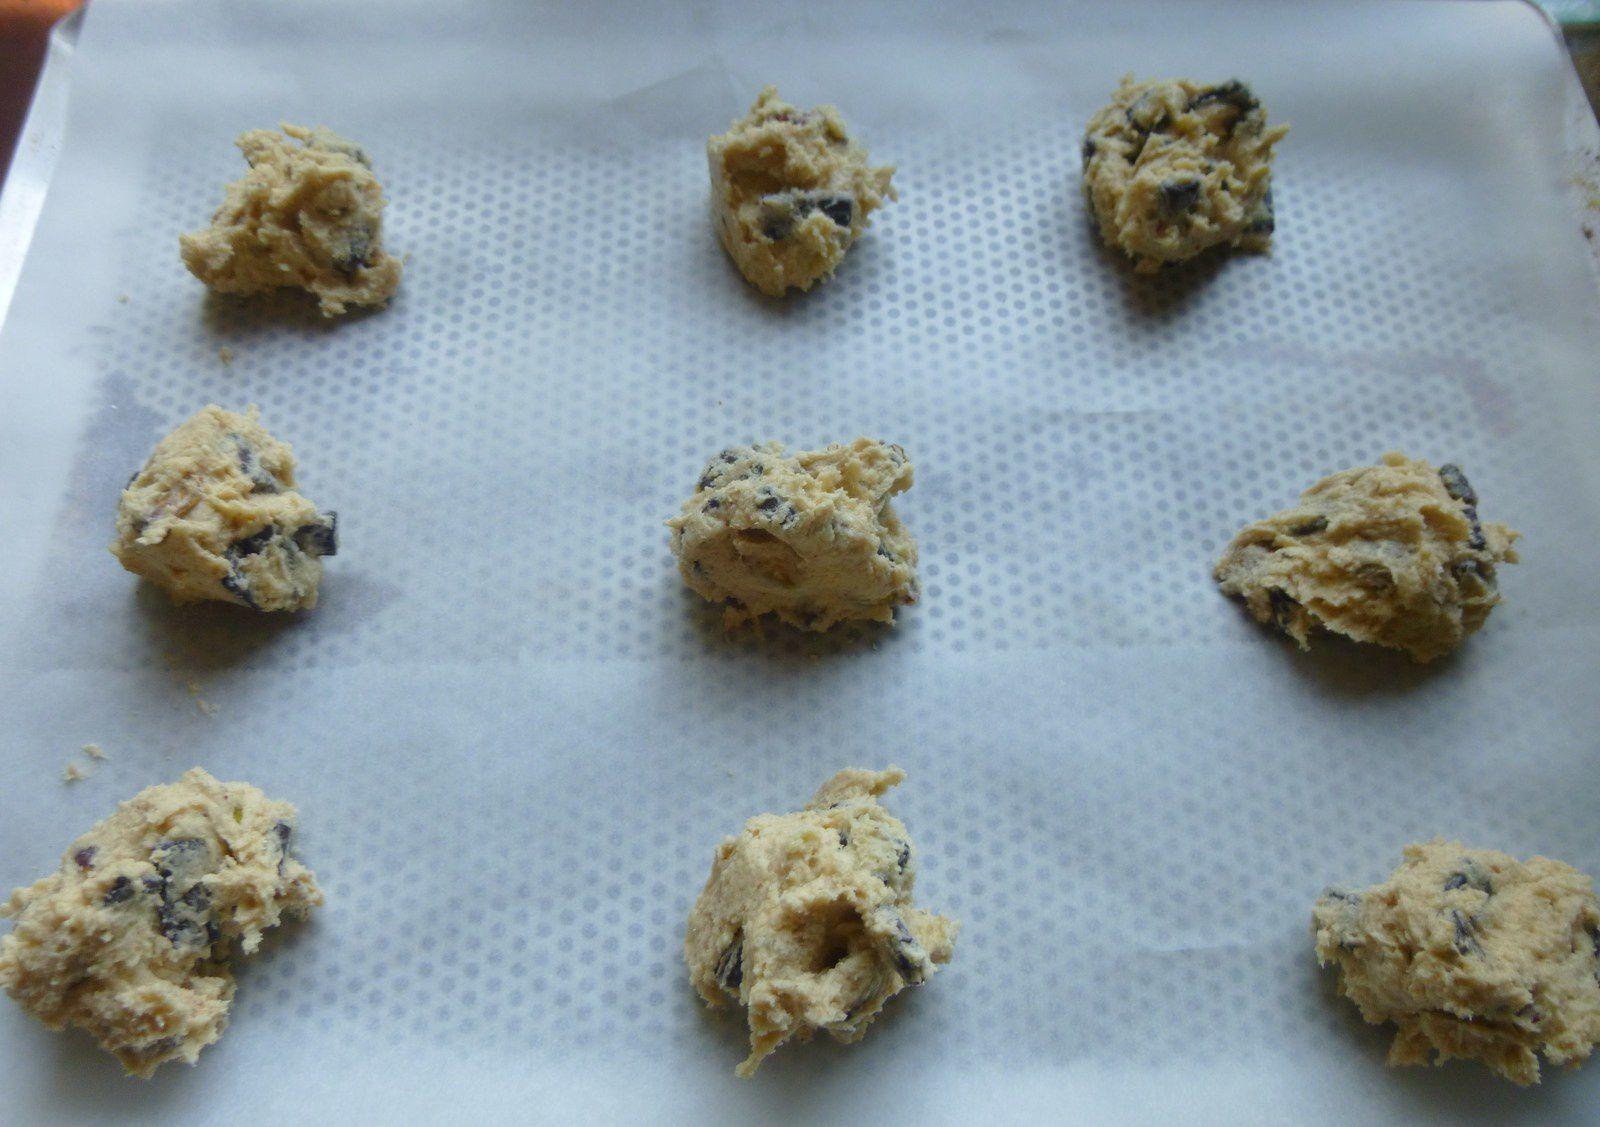 cookies cassonade aux pépites de chocolat et noix de pécan/pistaches ...ou ce que l'on veut!